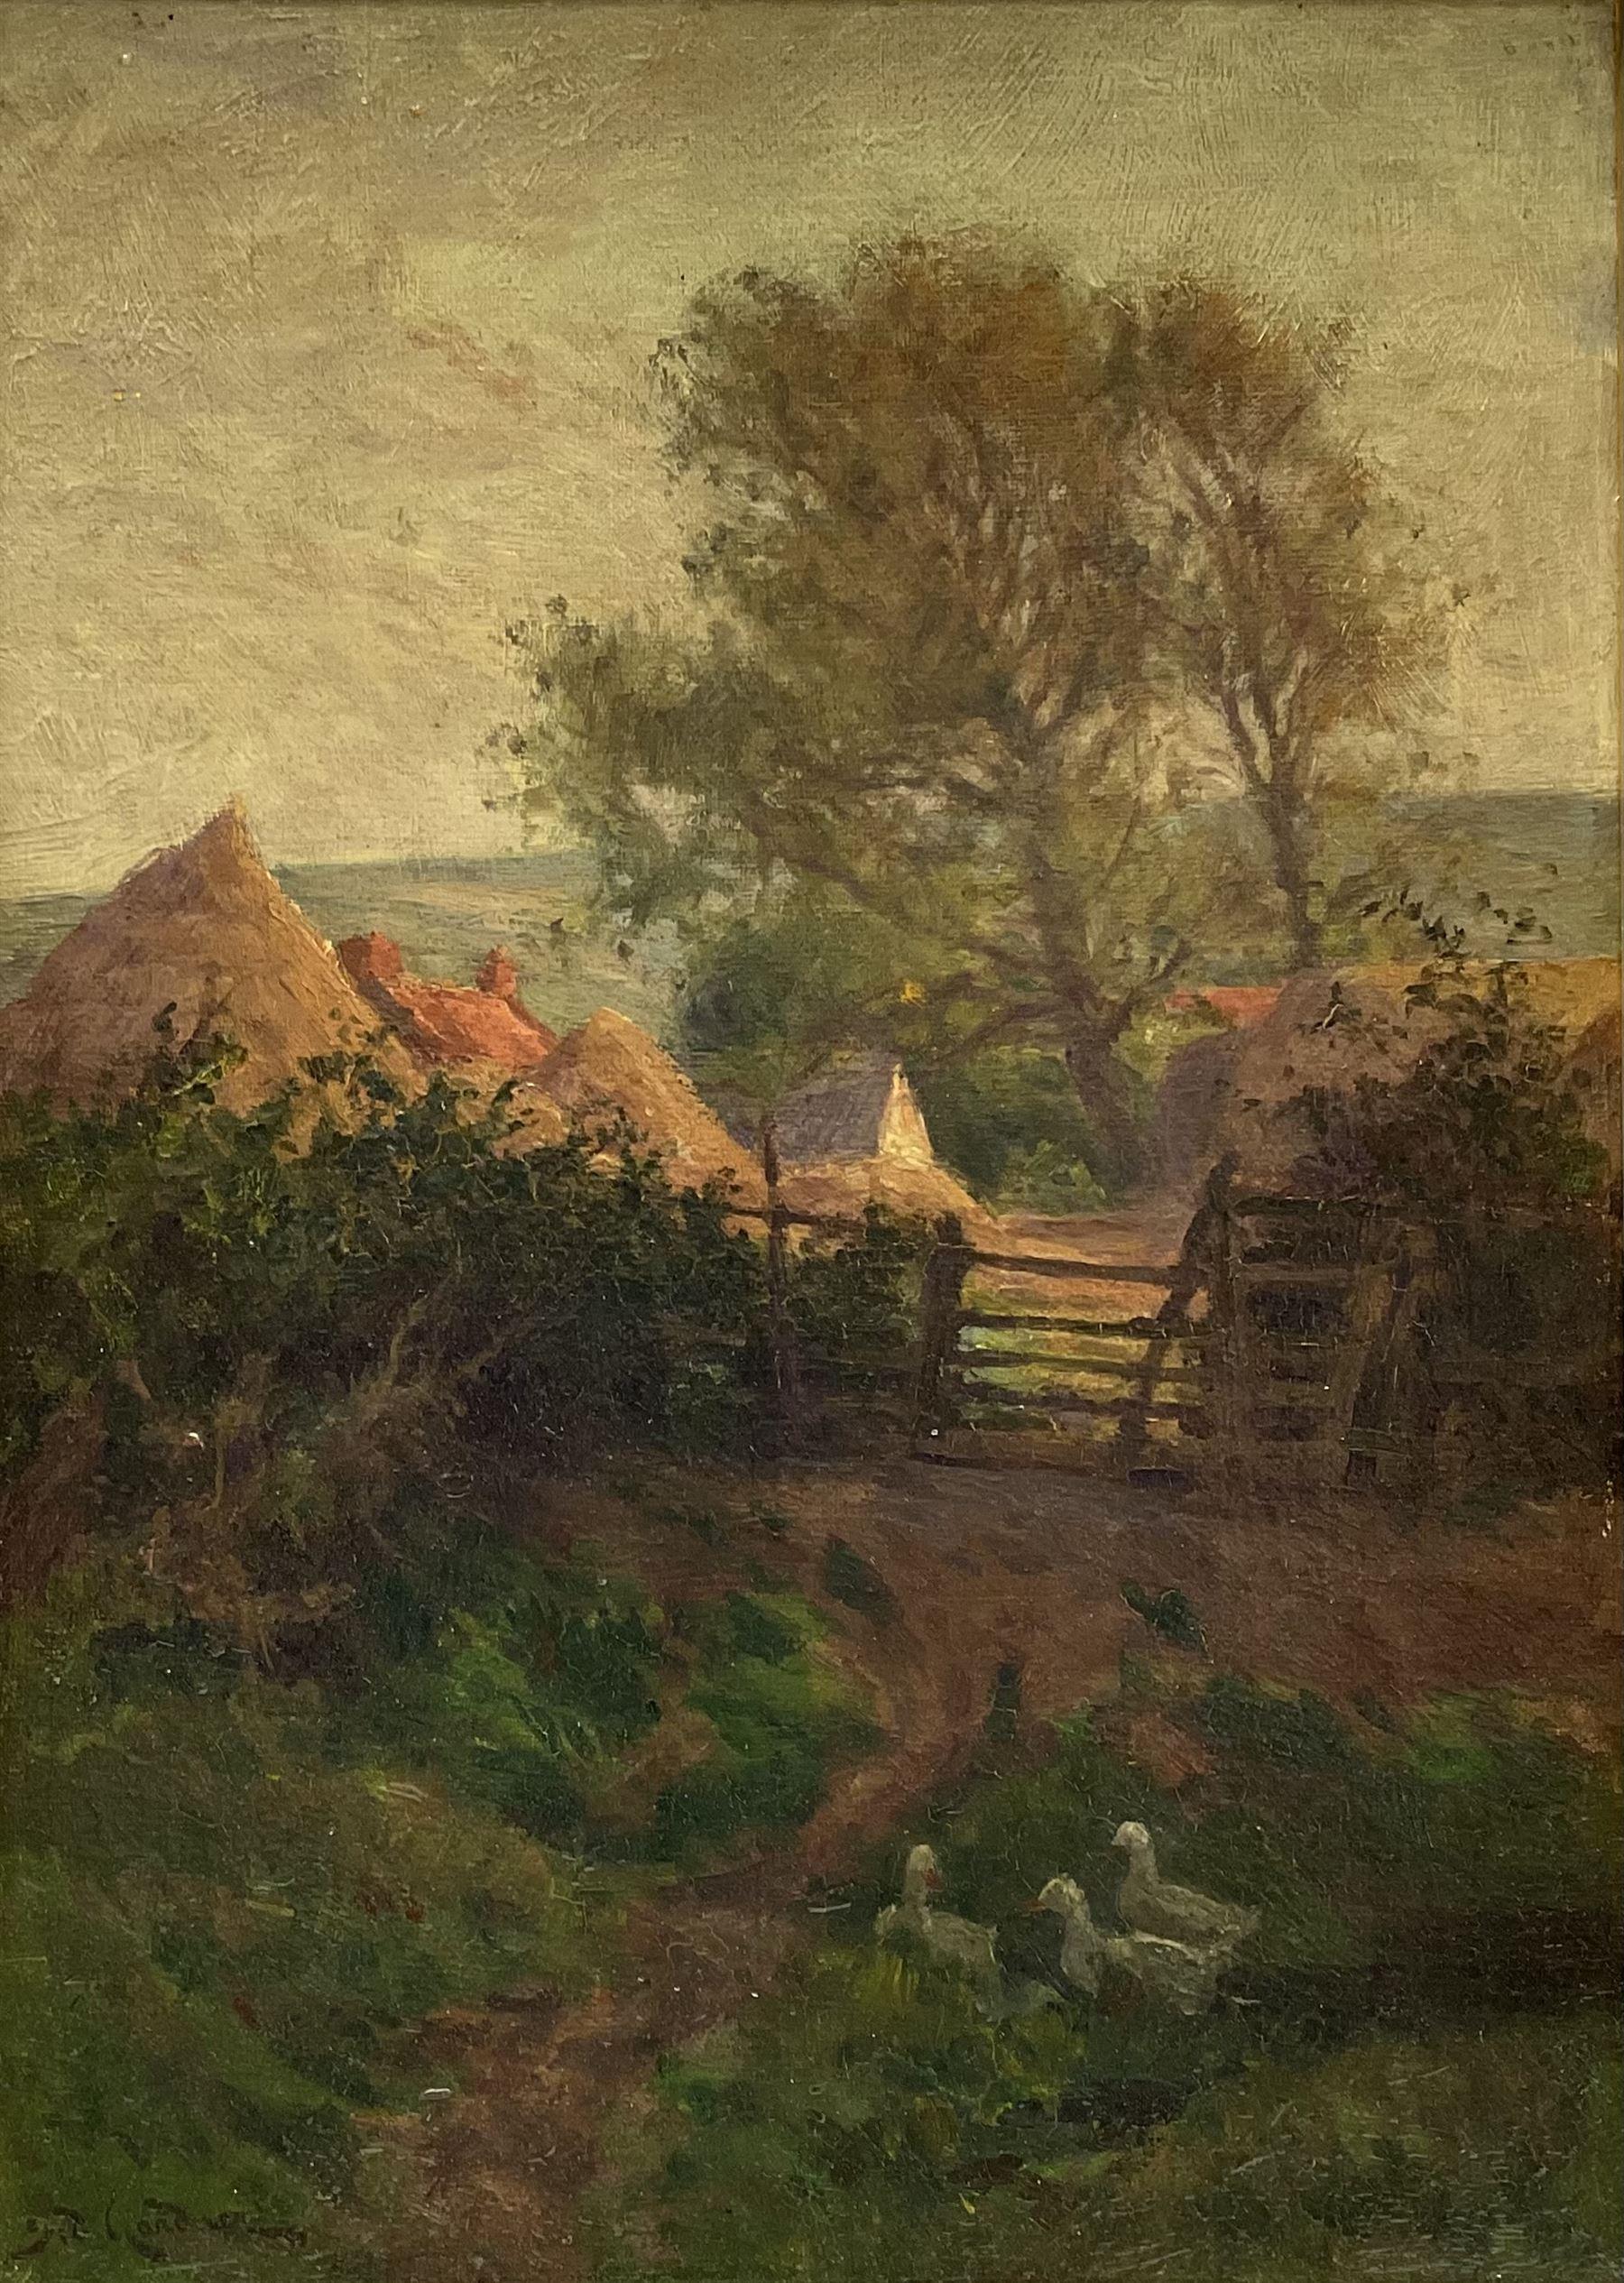 Sidney Valentine Gardner (Staithes Group 1869-1957): Yorkshire Farmstead with Ducks